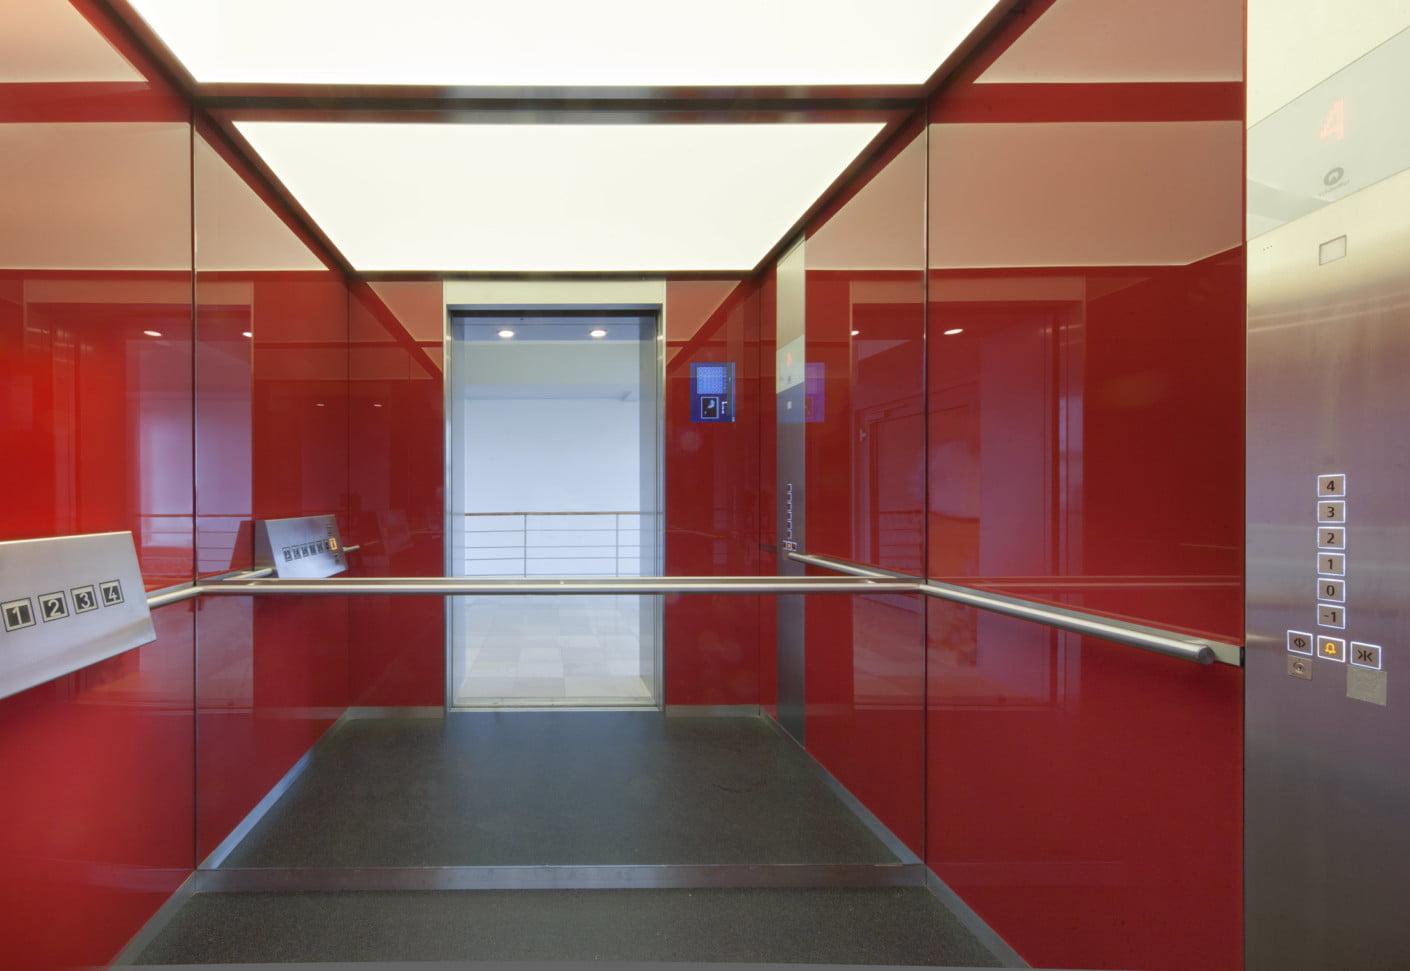 شیشه های رنگی در آسانسور